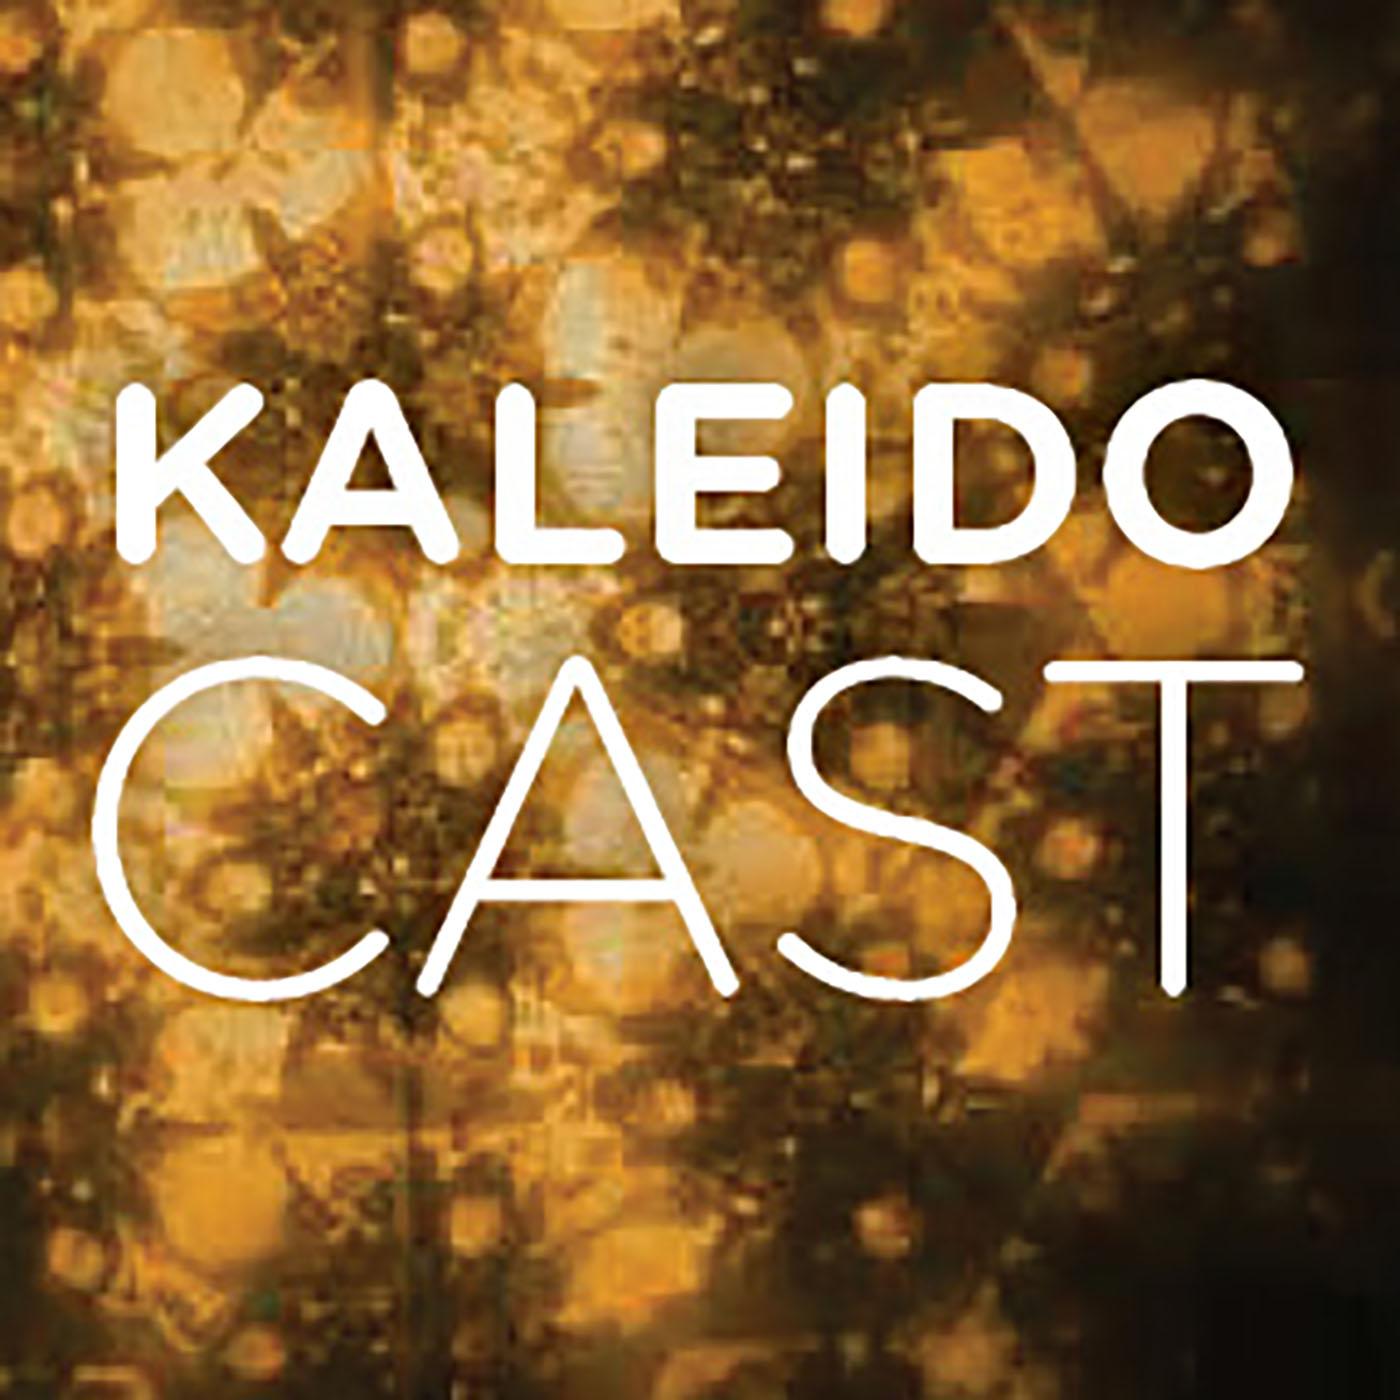 Kaleidocast